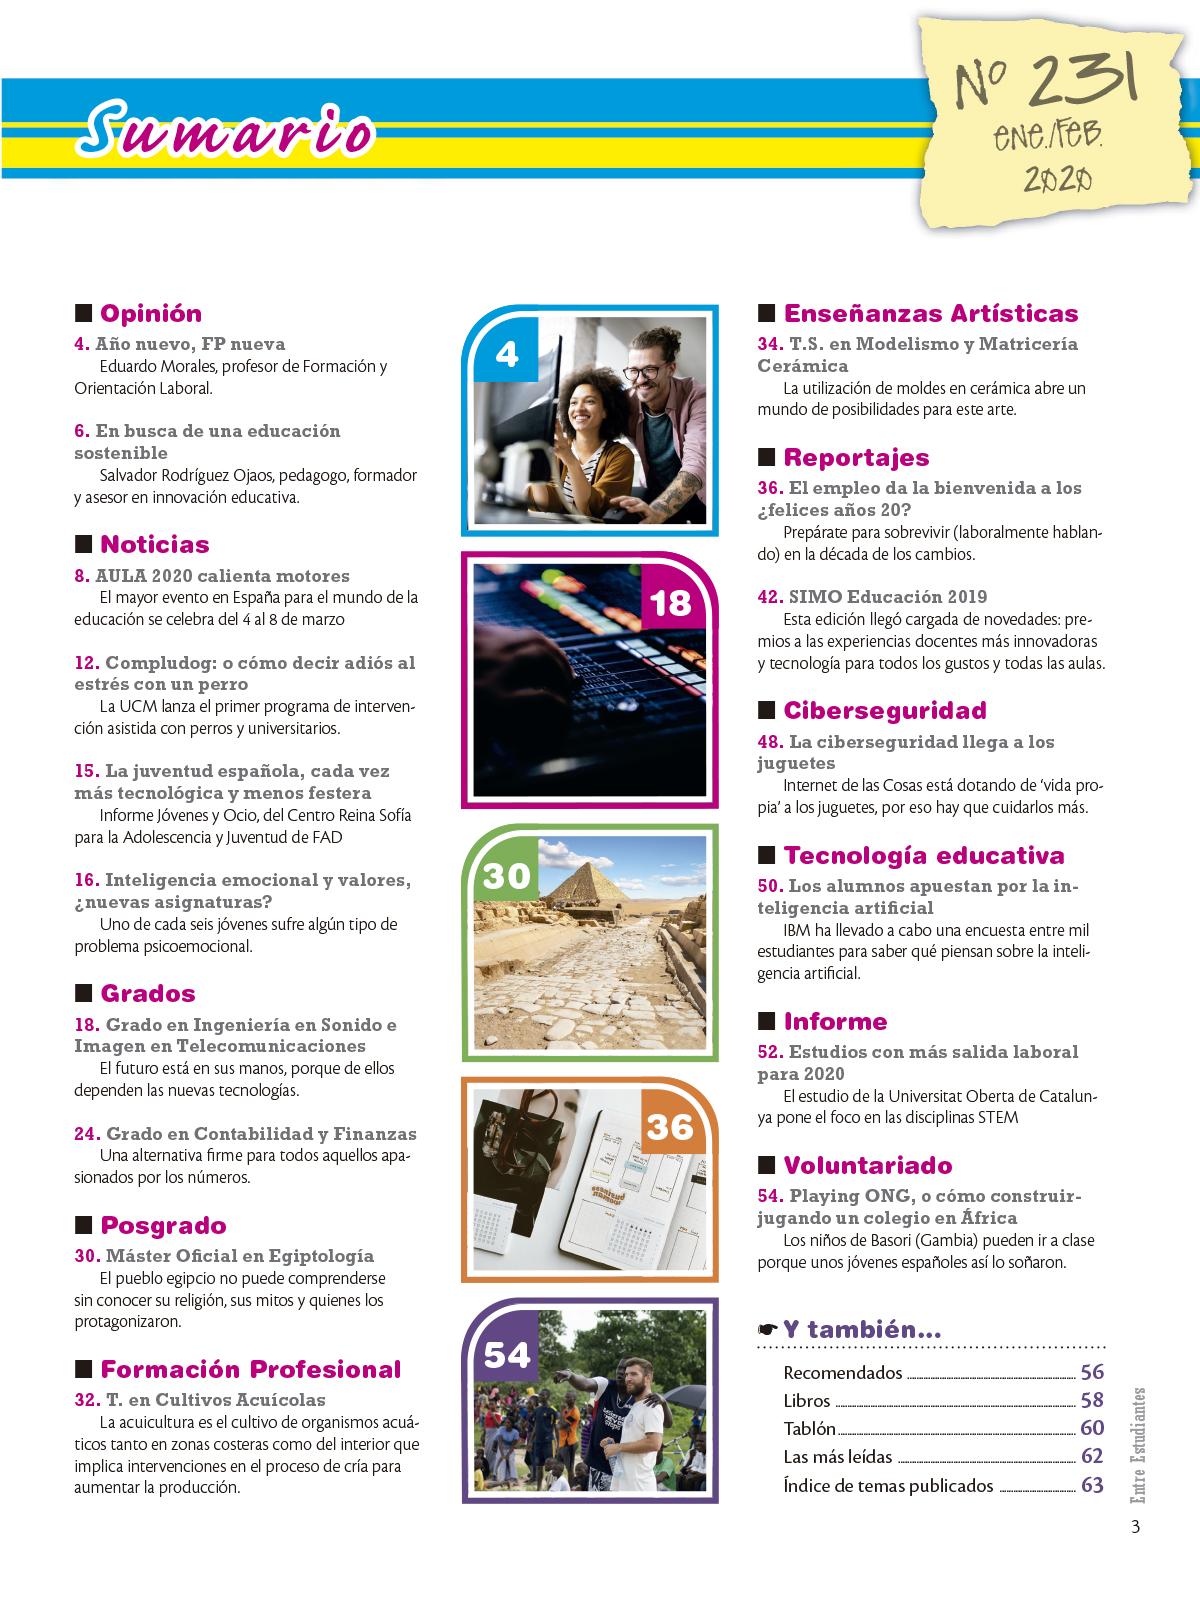 Revista Entre Estudiantes Nº 231